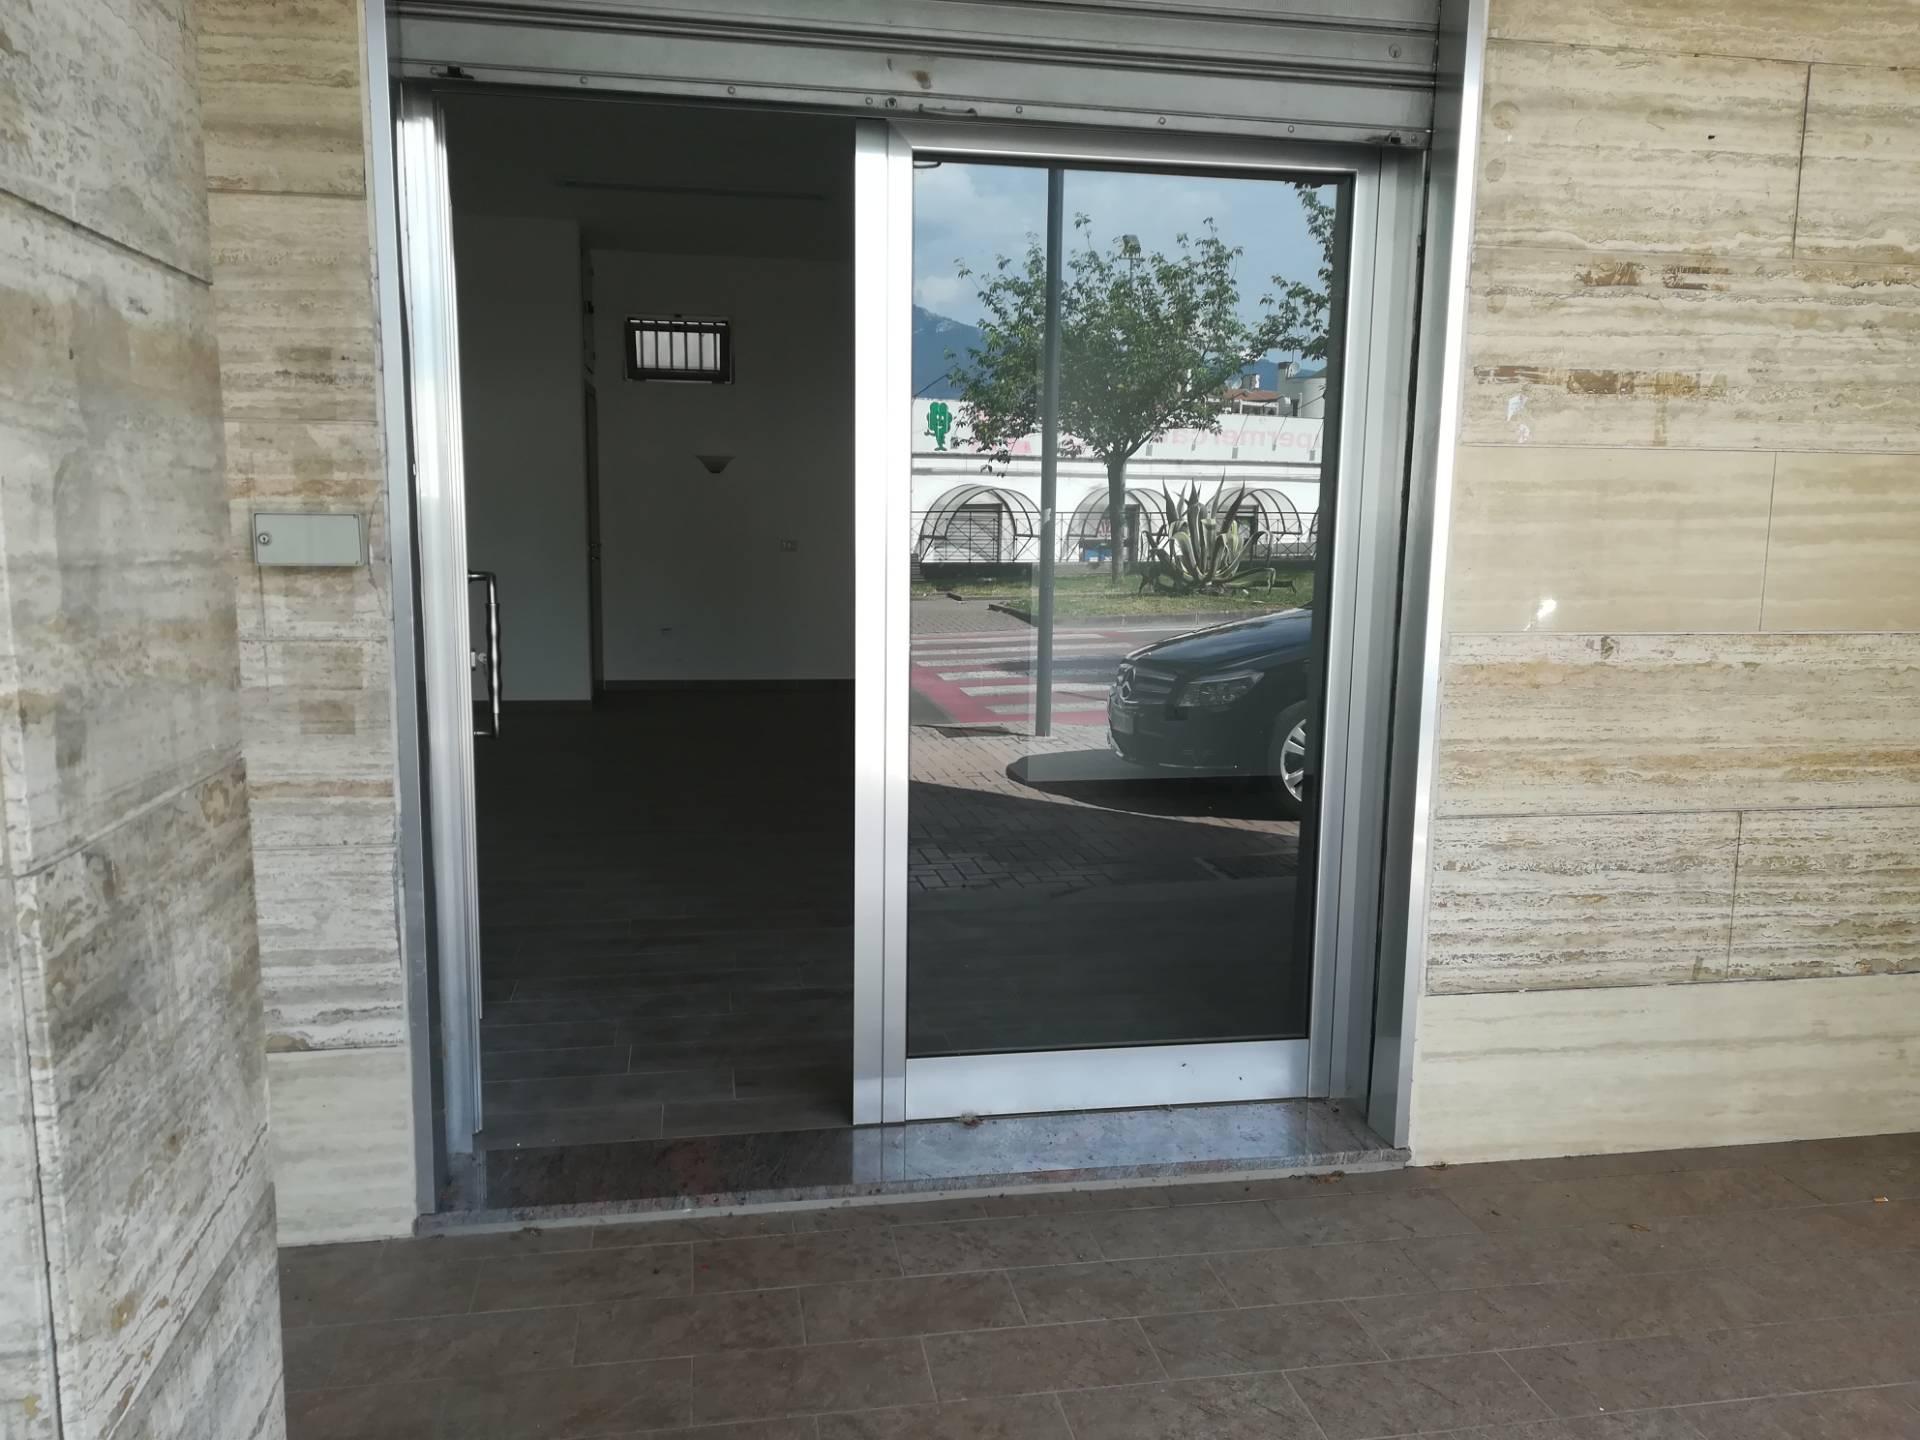 Negozio / Locale in affitto a Baronissi, 9999 locali, zona Località: centro, prezzo € 500   CambioCasa.it